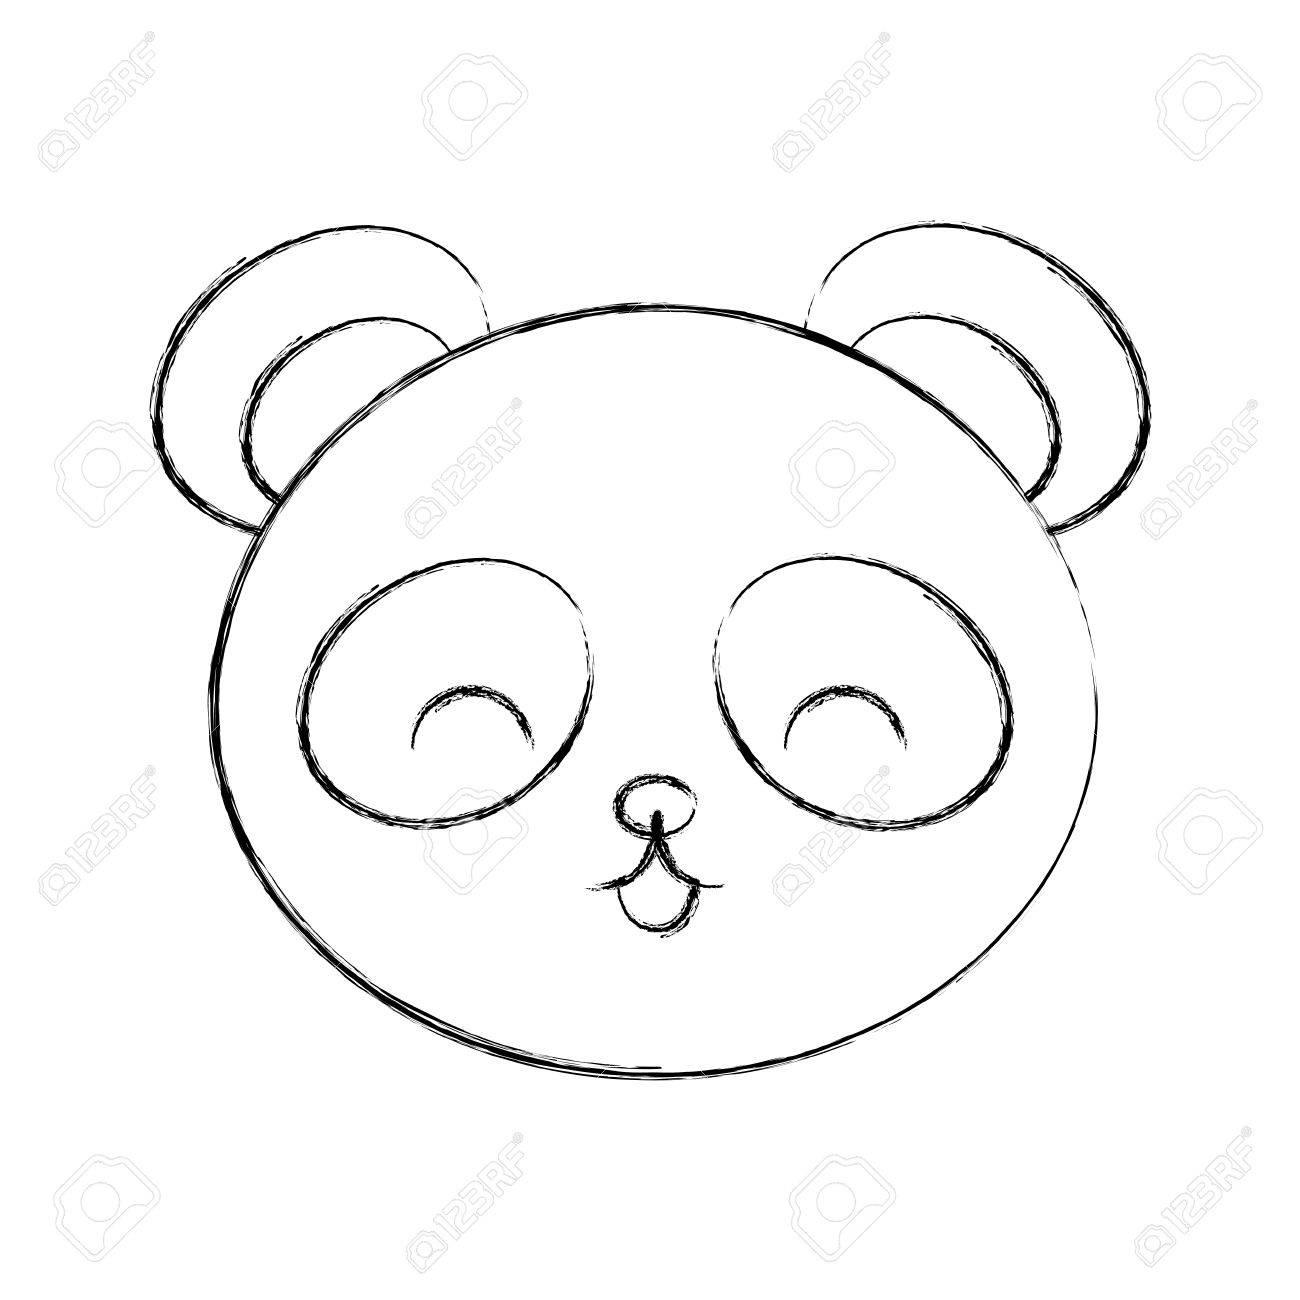 Lindo Dibujo Dibujar Panda Oso Cara Diseño Gráfico Fotos Retratos Imágenes Y Fotografía De Archivo Libres De Derecho Image 79192859